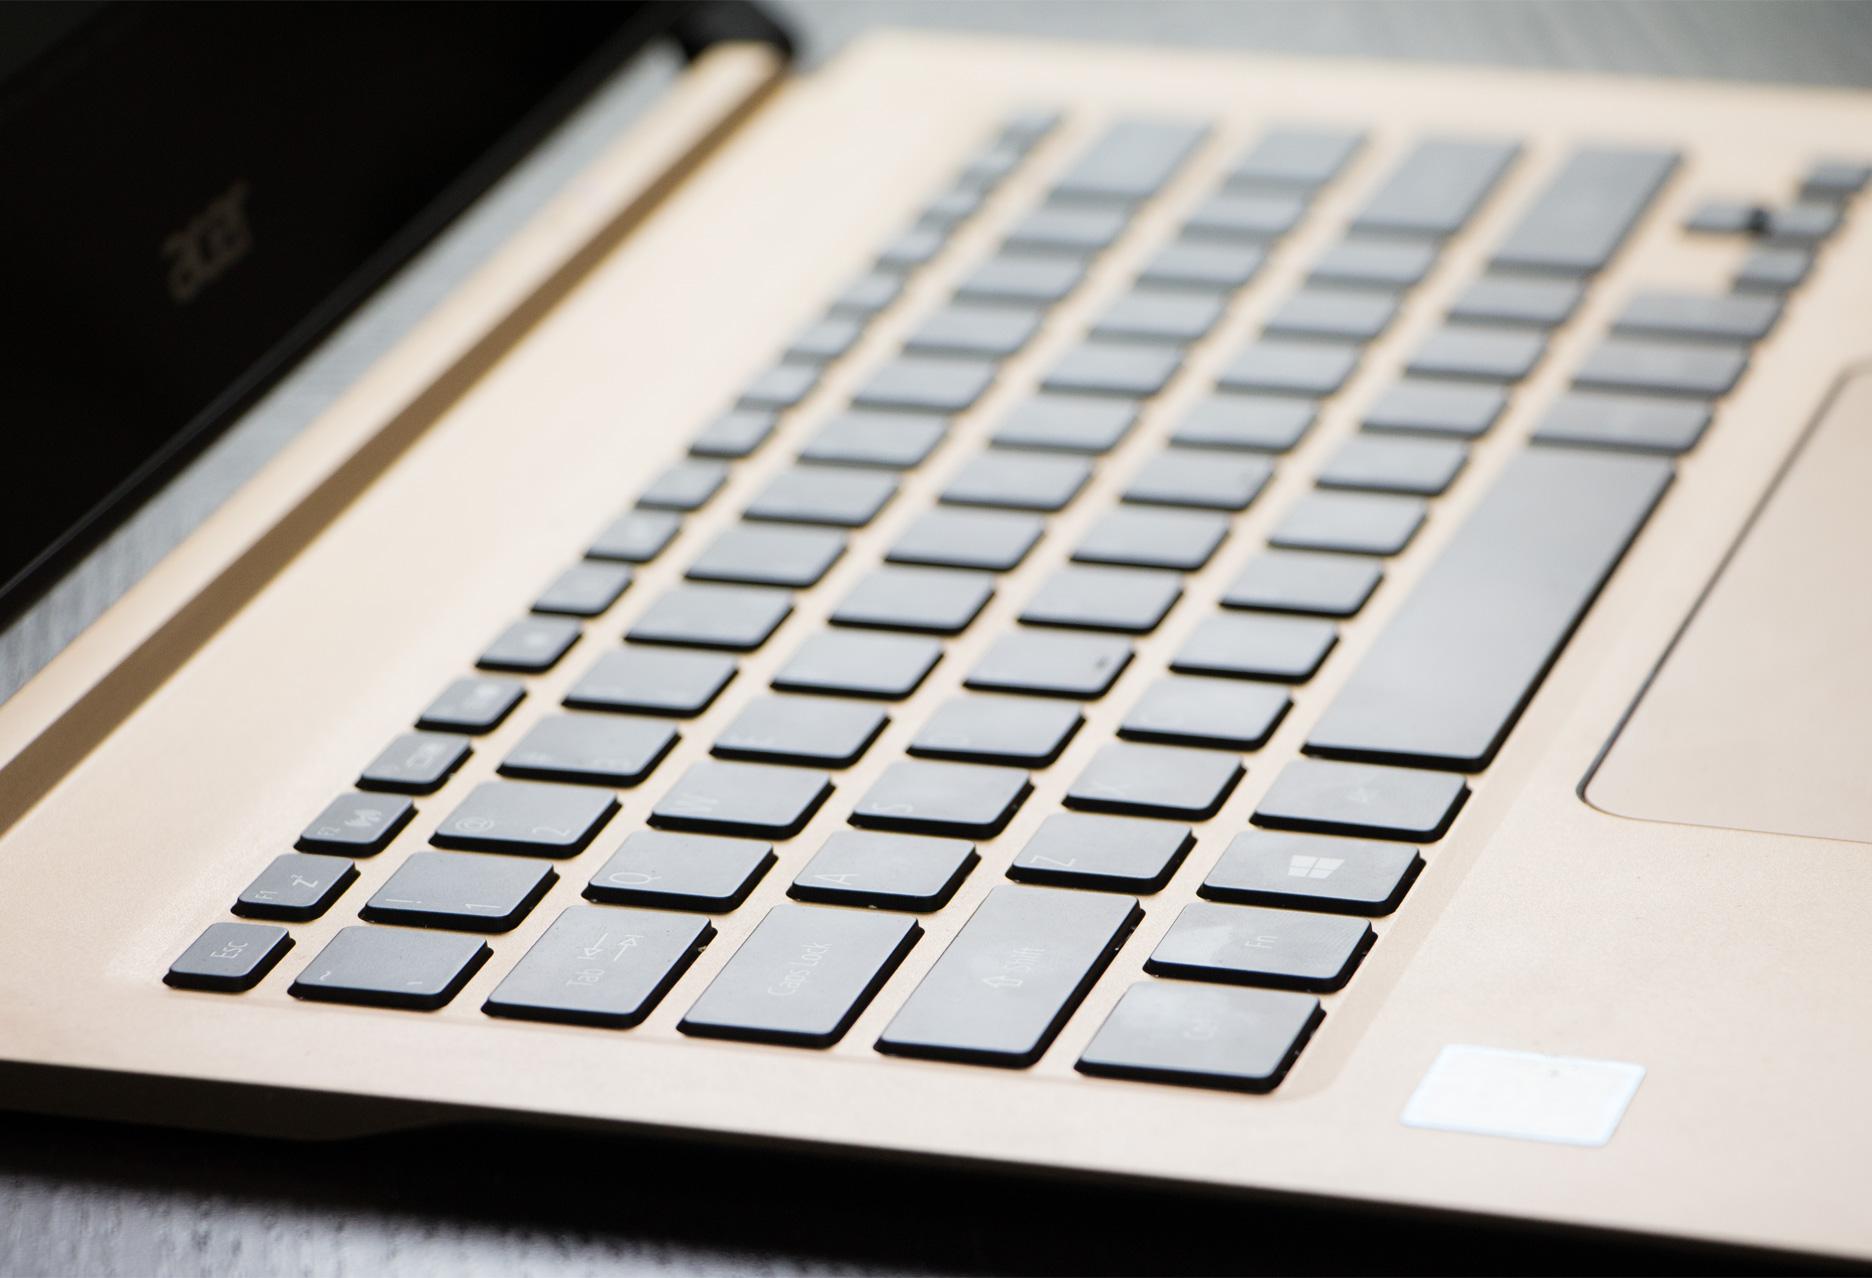 Acer Swift 7 klawiatura